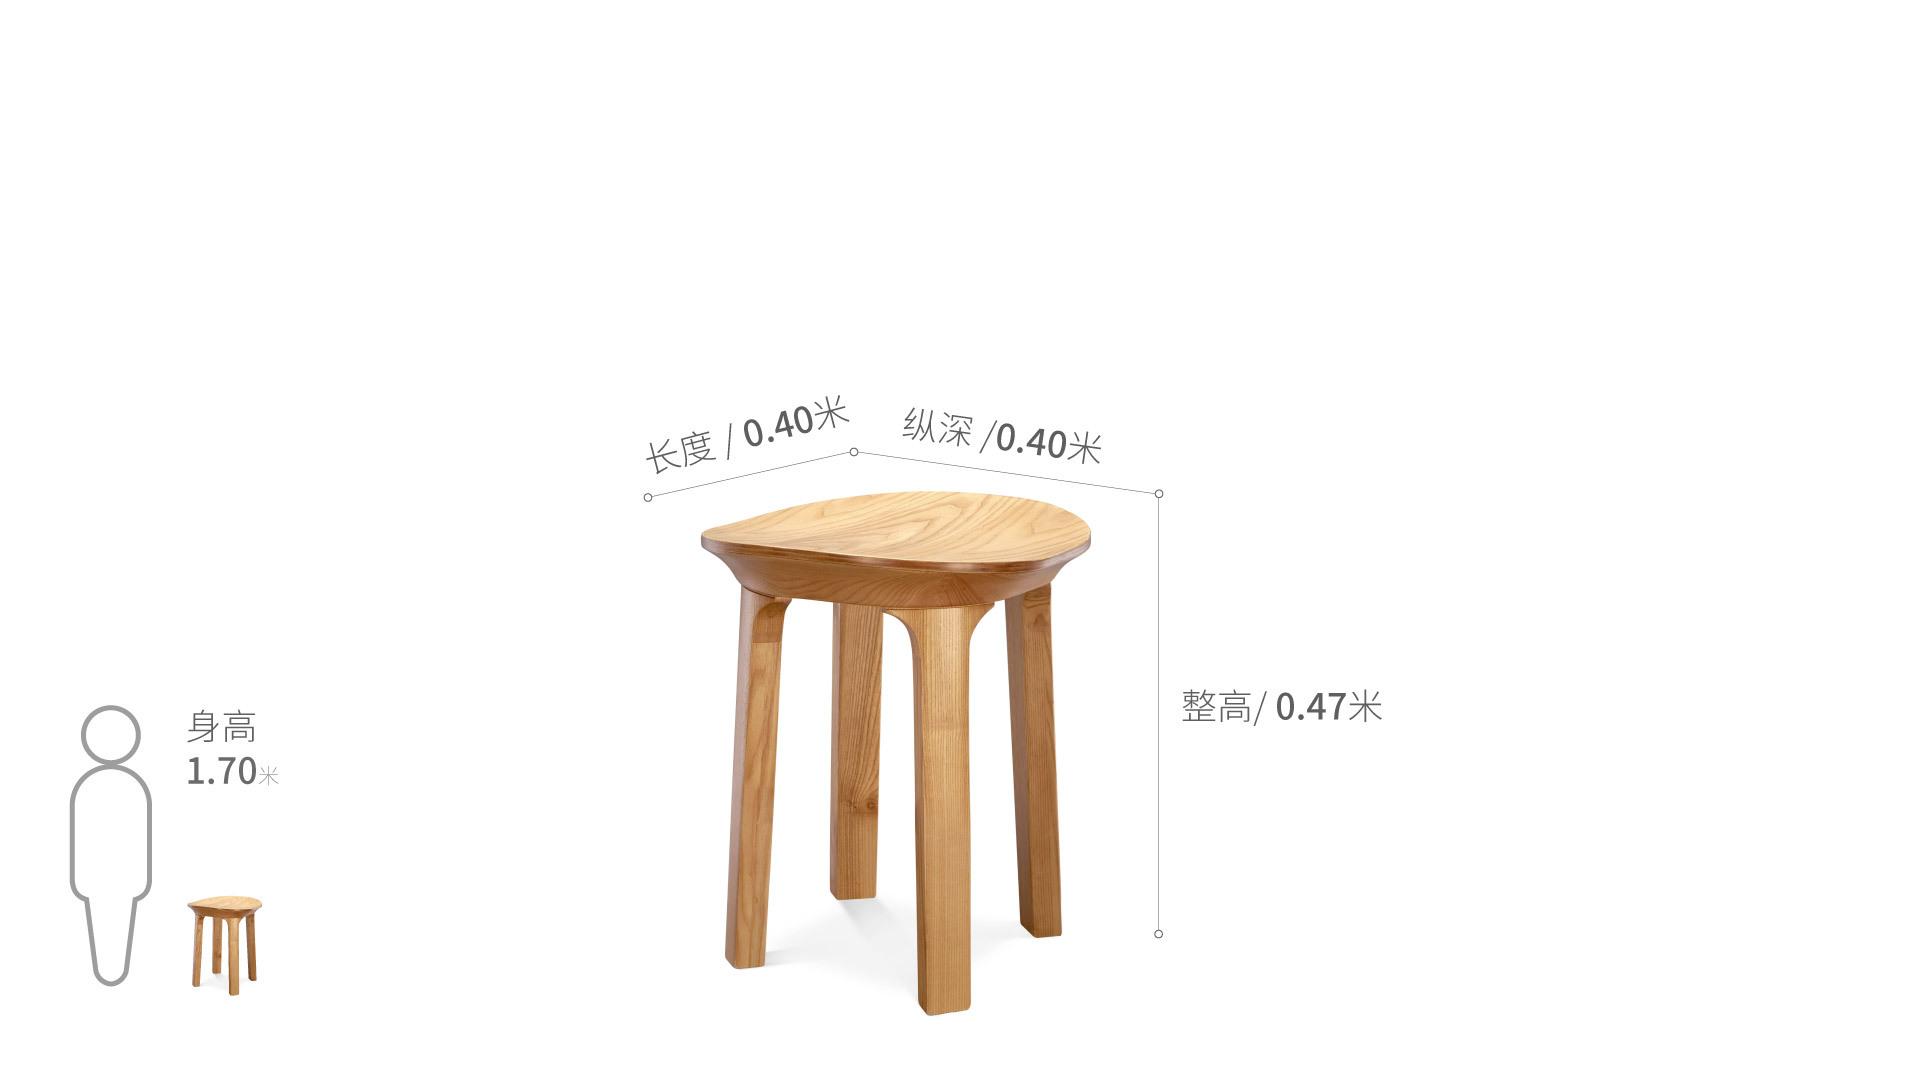 瓦檐实木小凳®矮凳椅凳效果图